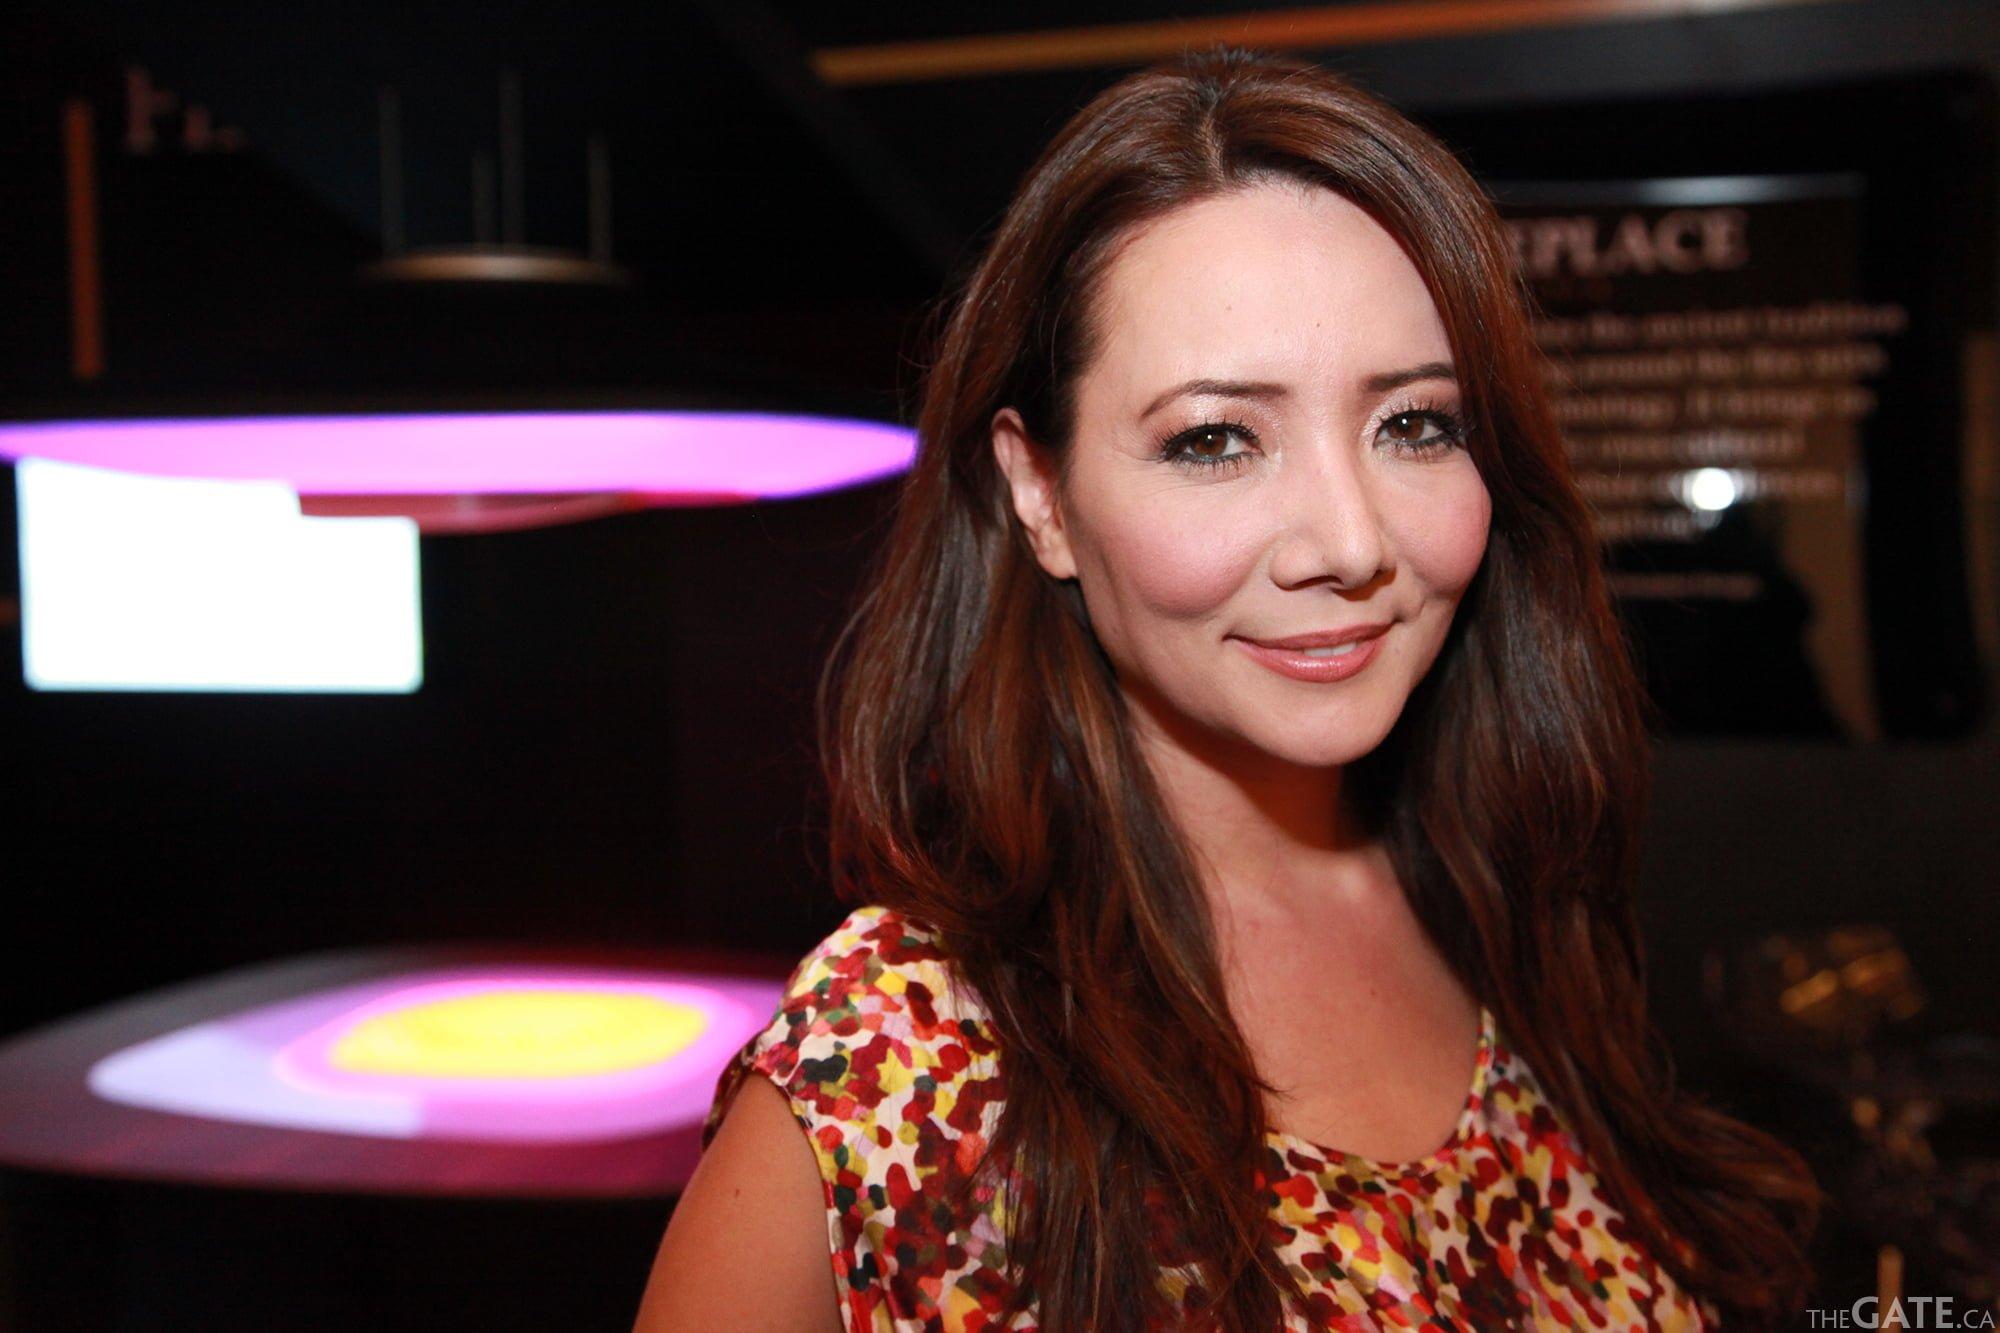 Daily Planet host Ziya Tong